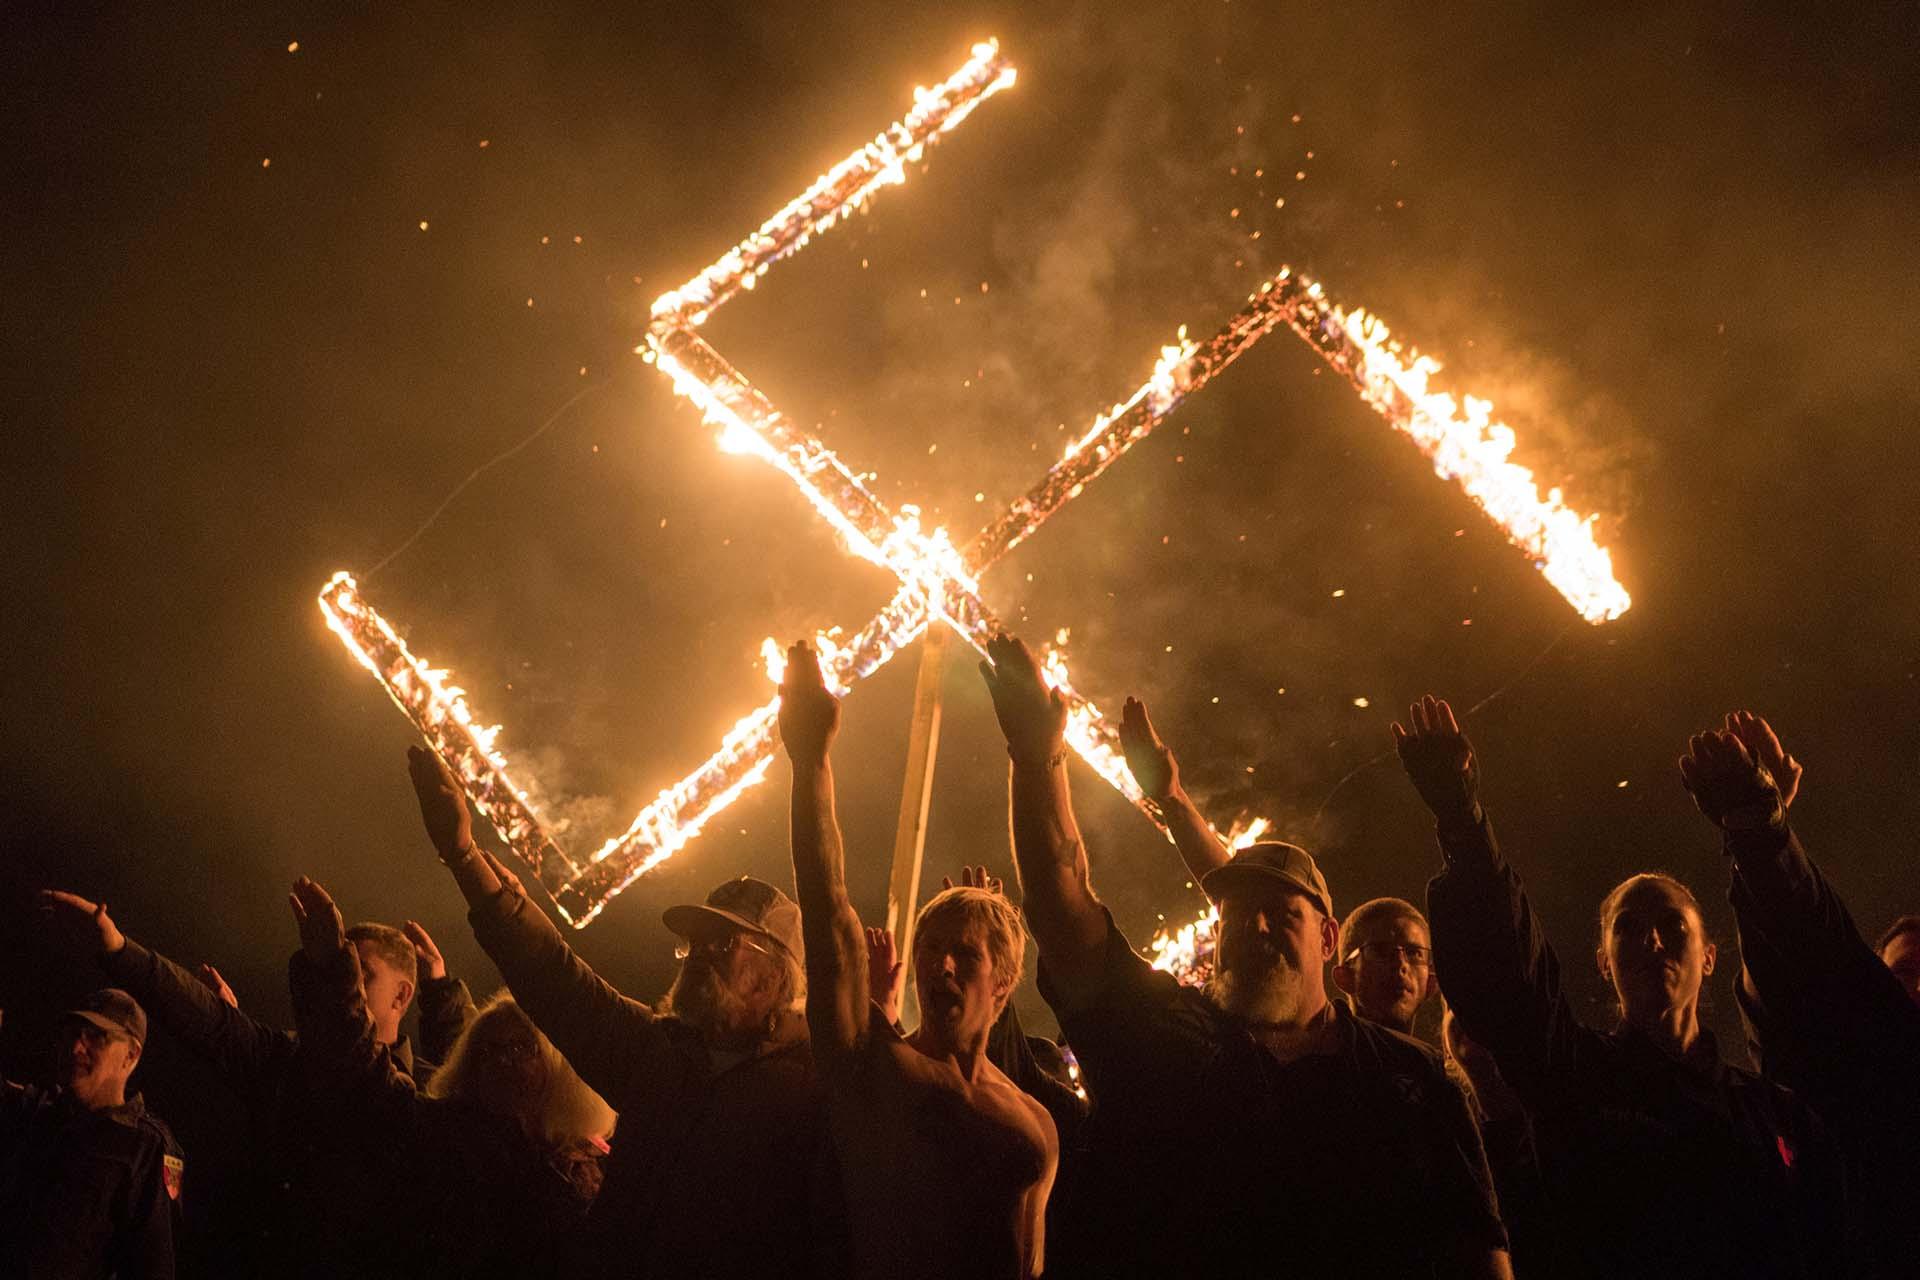 Miembros del Movimiento Nacional Socialista, un grupo político de supremacistas blancos, realiza el saludo nazi junto a una esvástica en llamasen una locaciónno reveladaenGeorgia, Estados Unidos, el 21 de abril de 2018 (REUTERS/Go Nakamura)